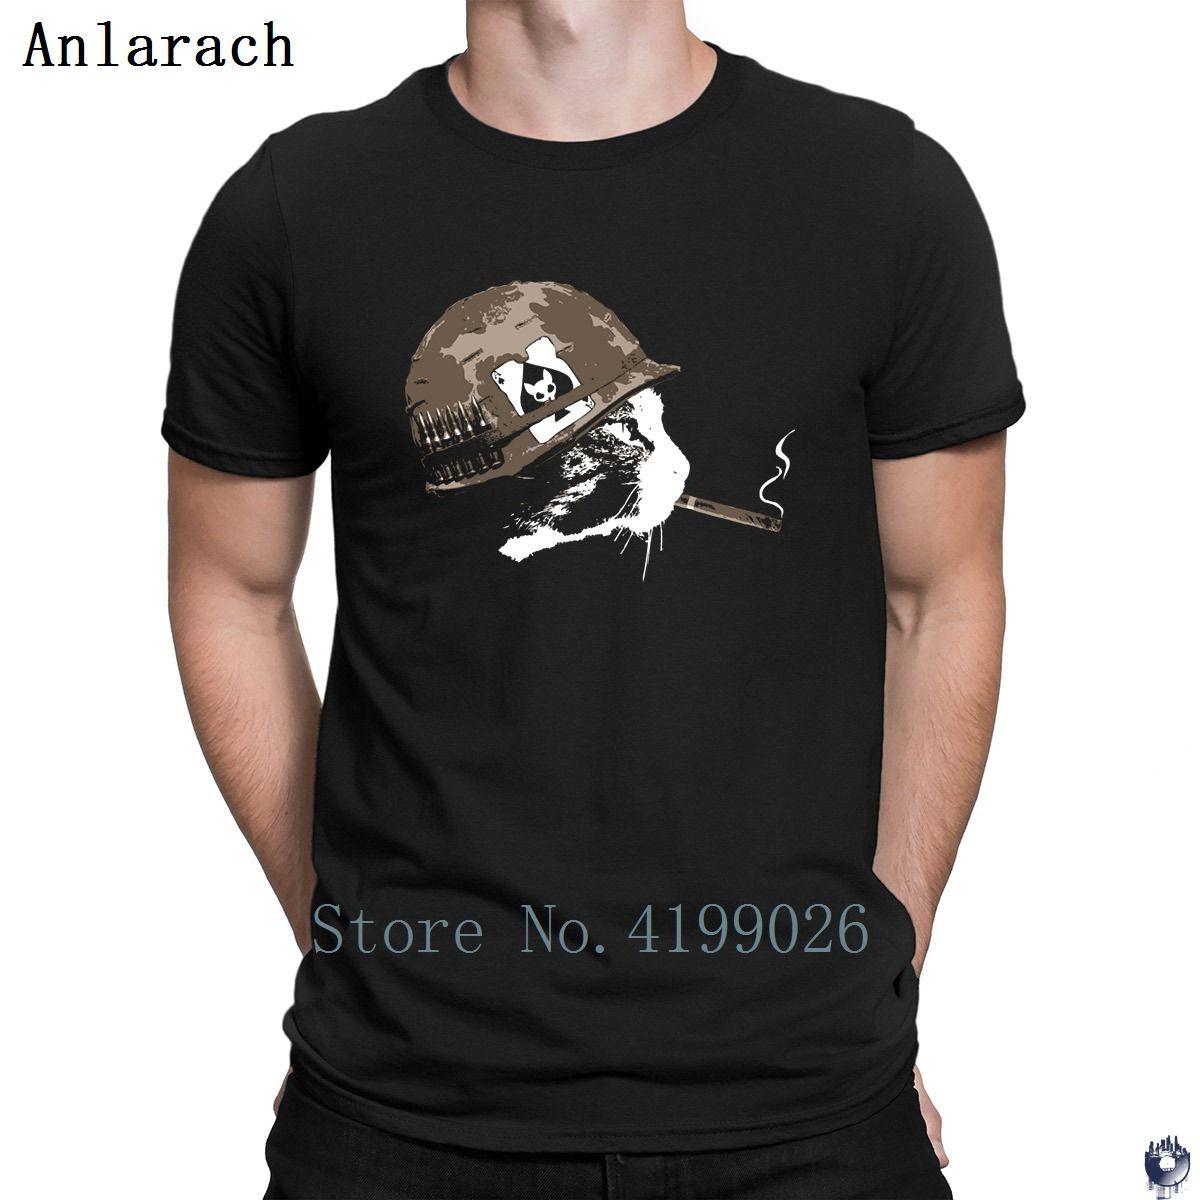 t-shirt completo Kitty metal camisa melhor t verão Letters HipHop Top para homens Euro Tamanho Printing slogan camiseta de cor sólida